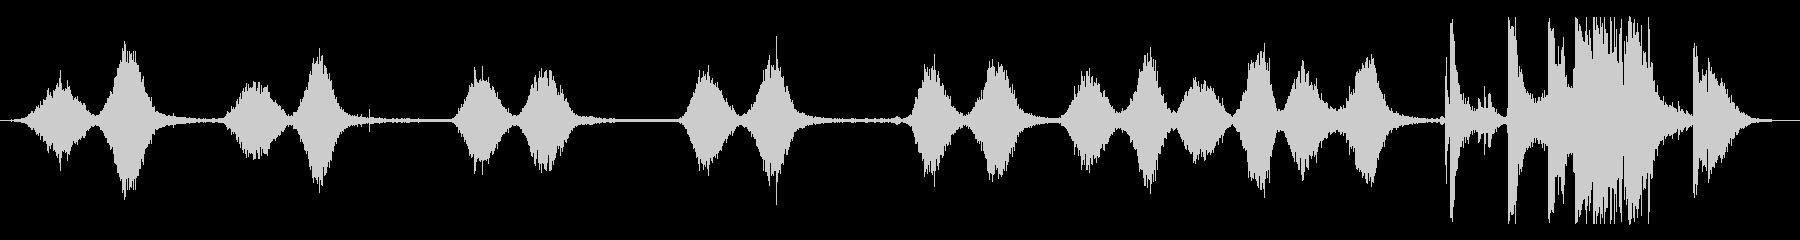 レッグマシン:さまざまなREPS、...の未再生の波形